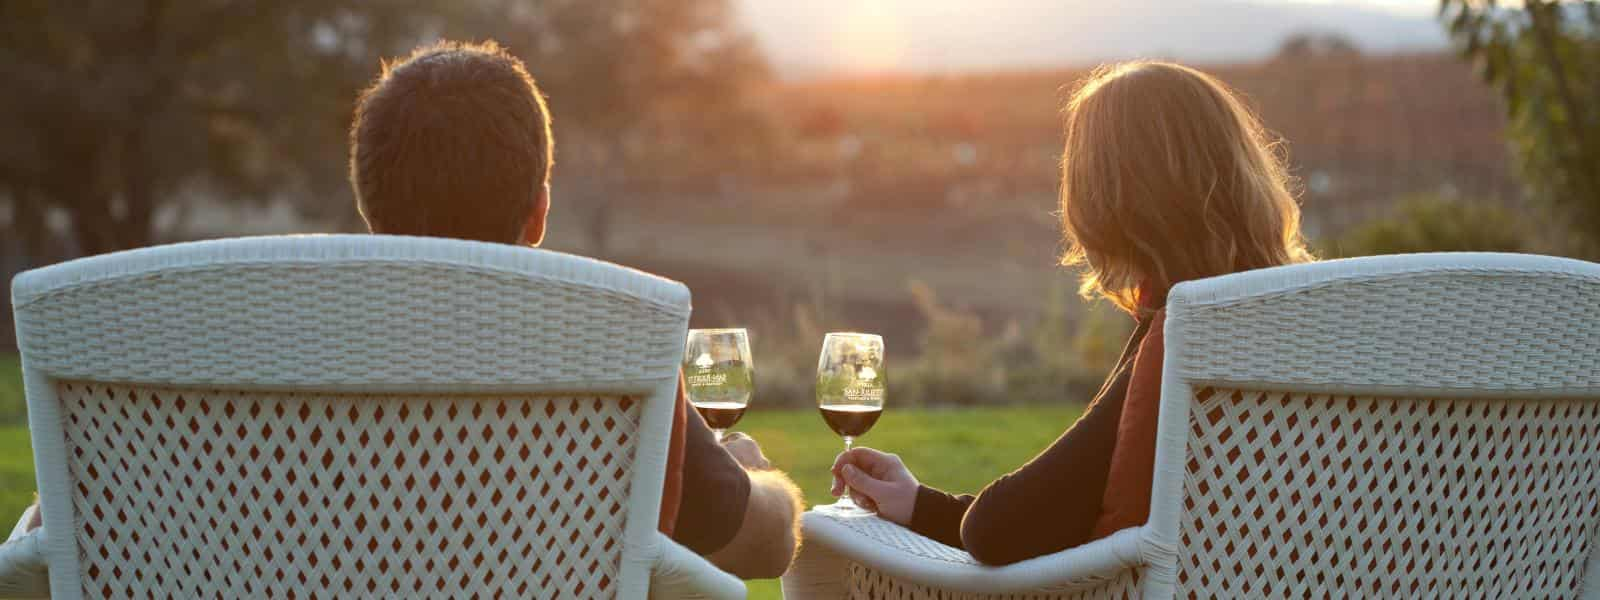 couple drinking wine in Arroyo Grande